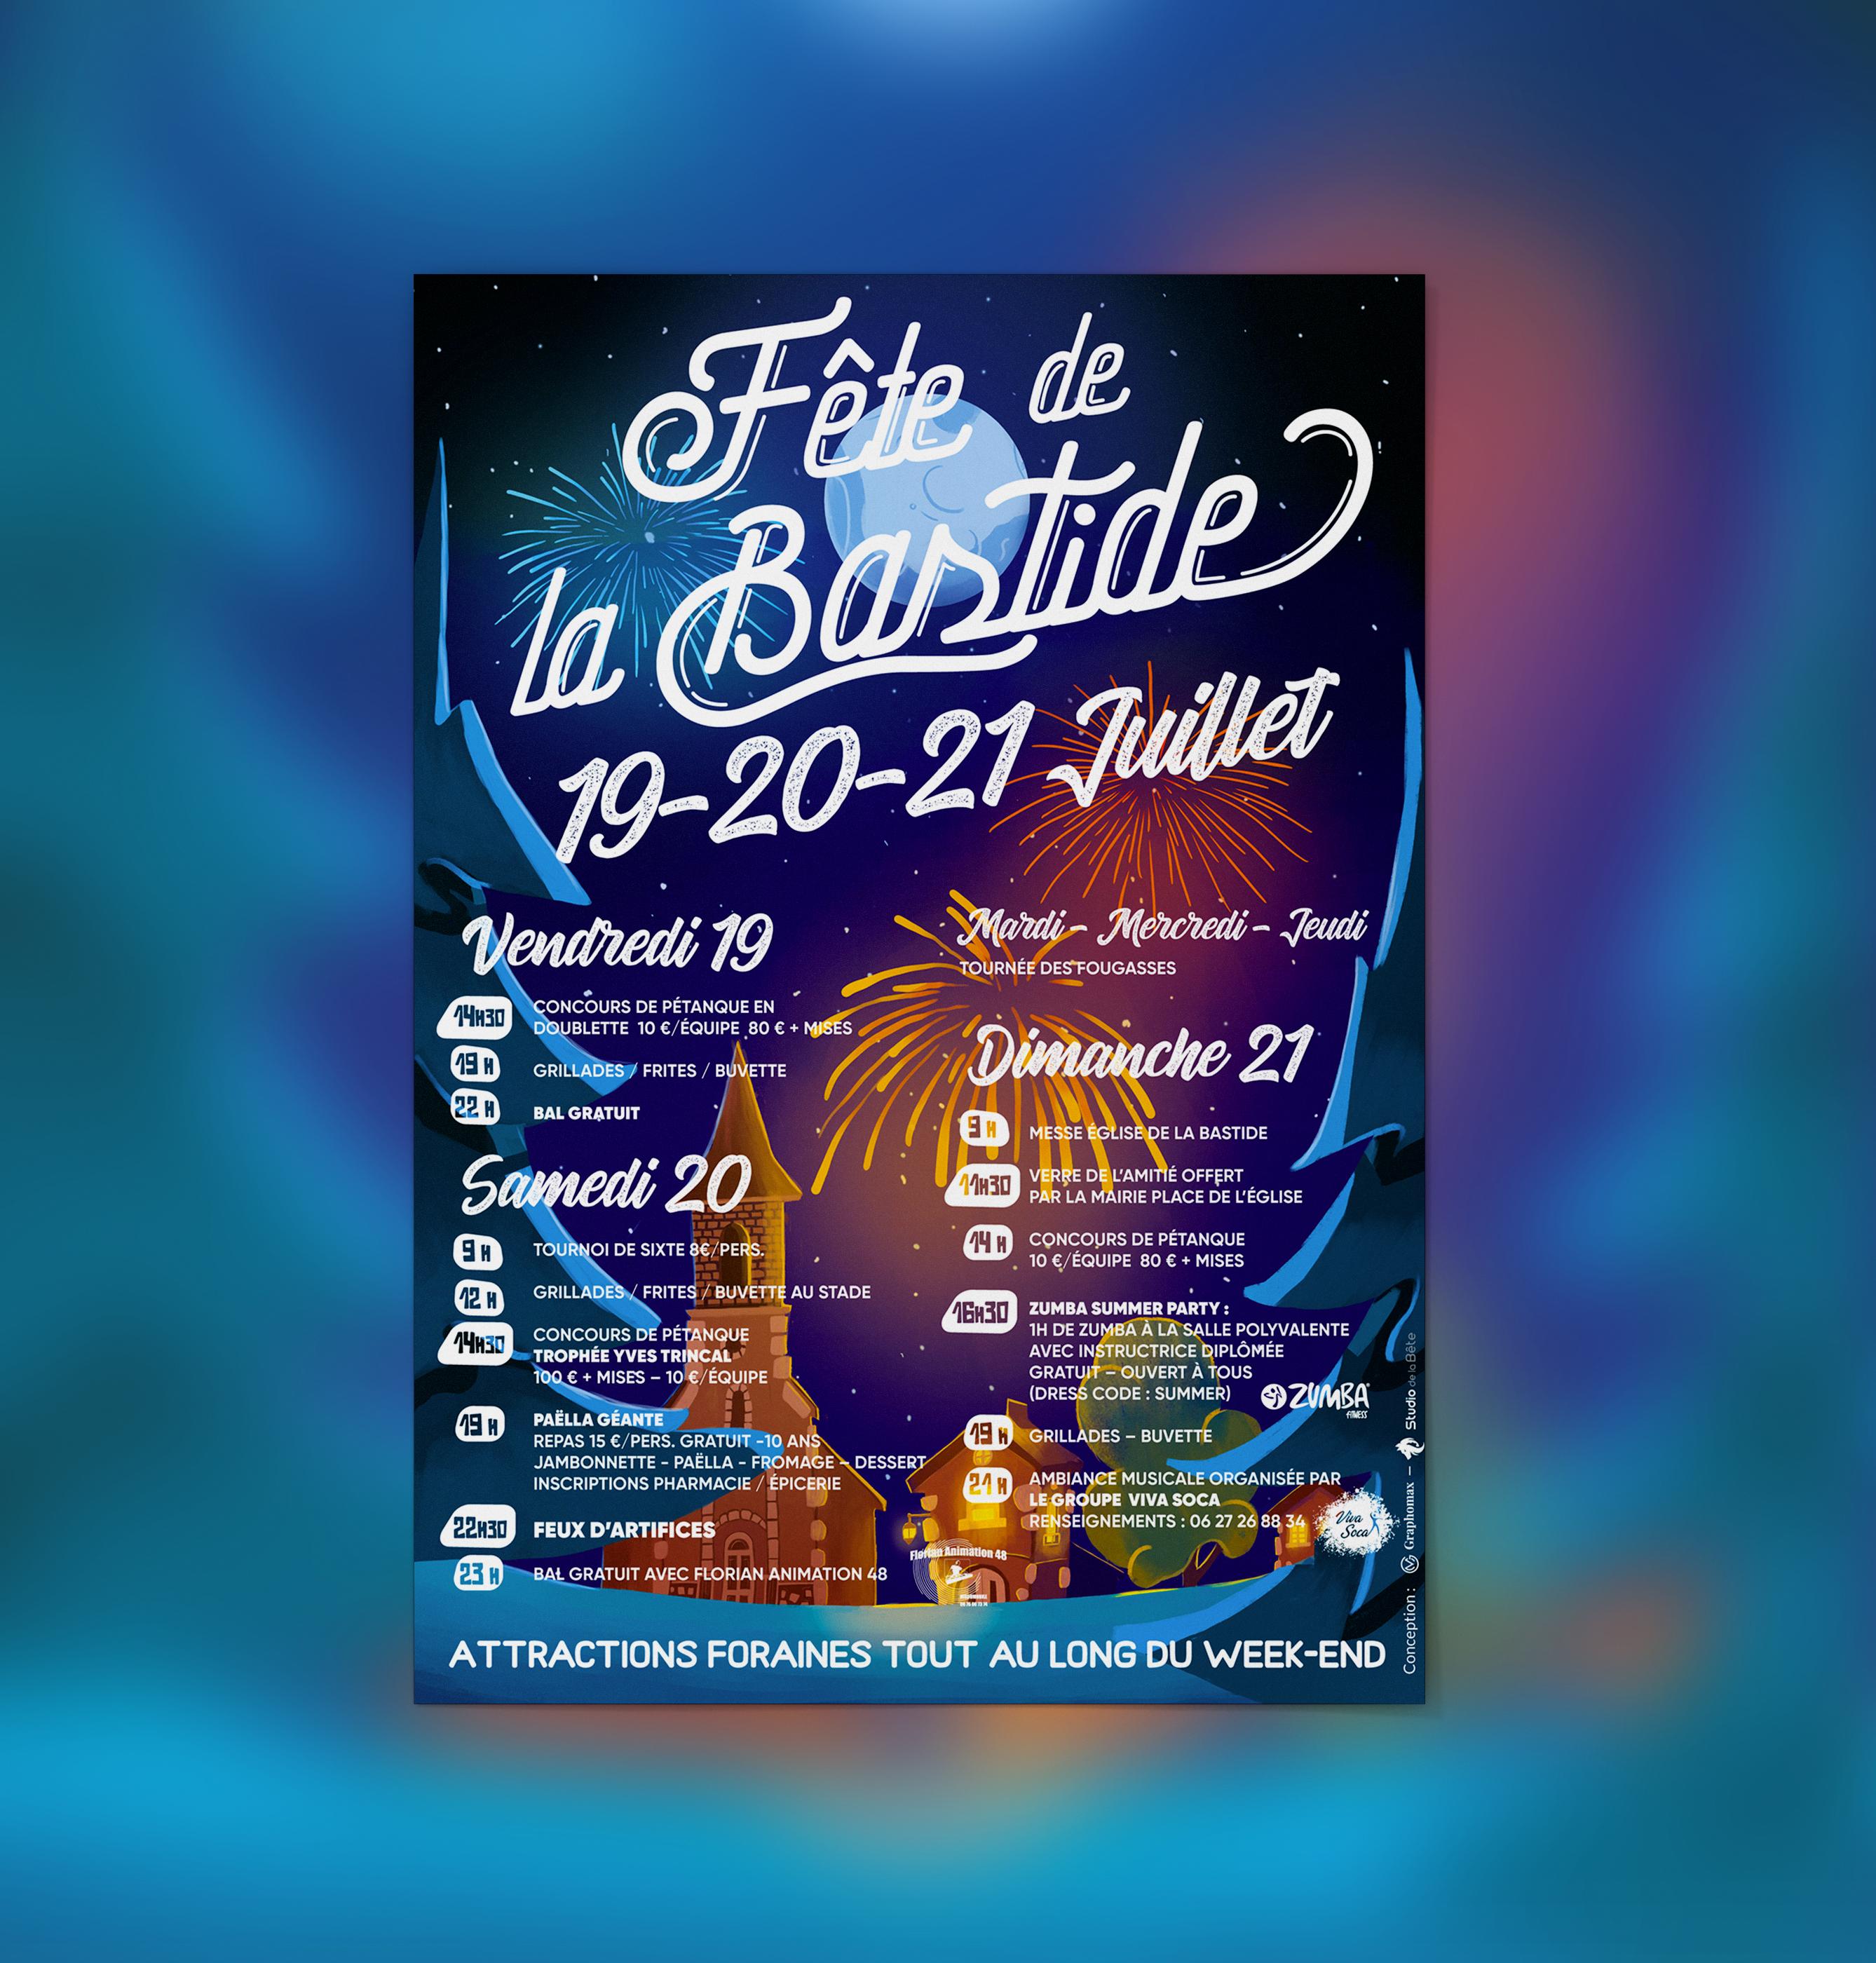 Affiche-Fete-La-Bastide-2019_GRAPHOMAX_STUDIO-DE-LA-BETE